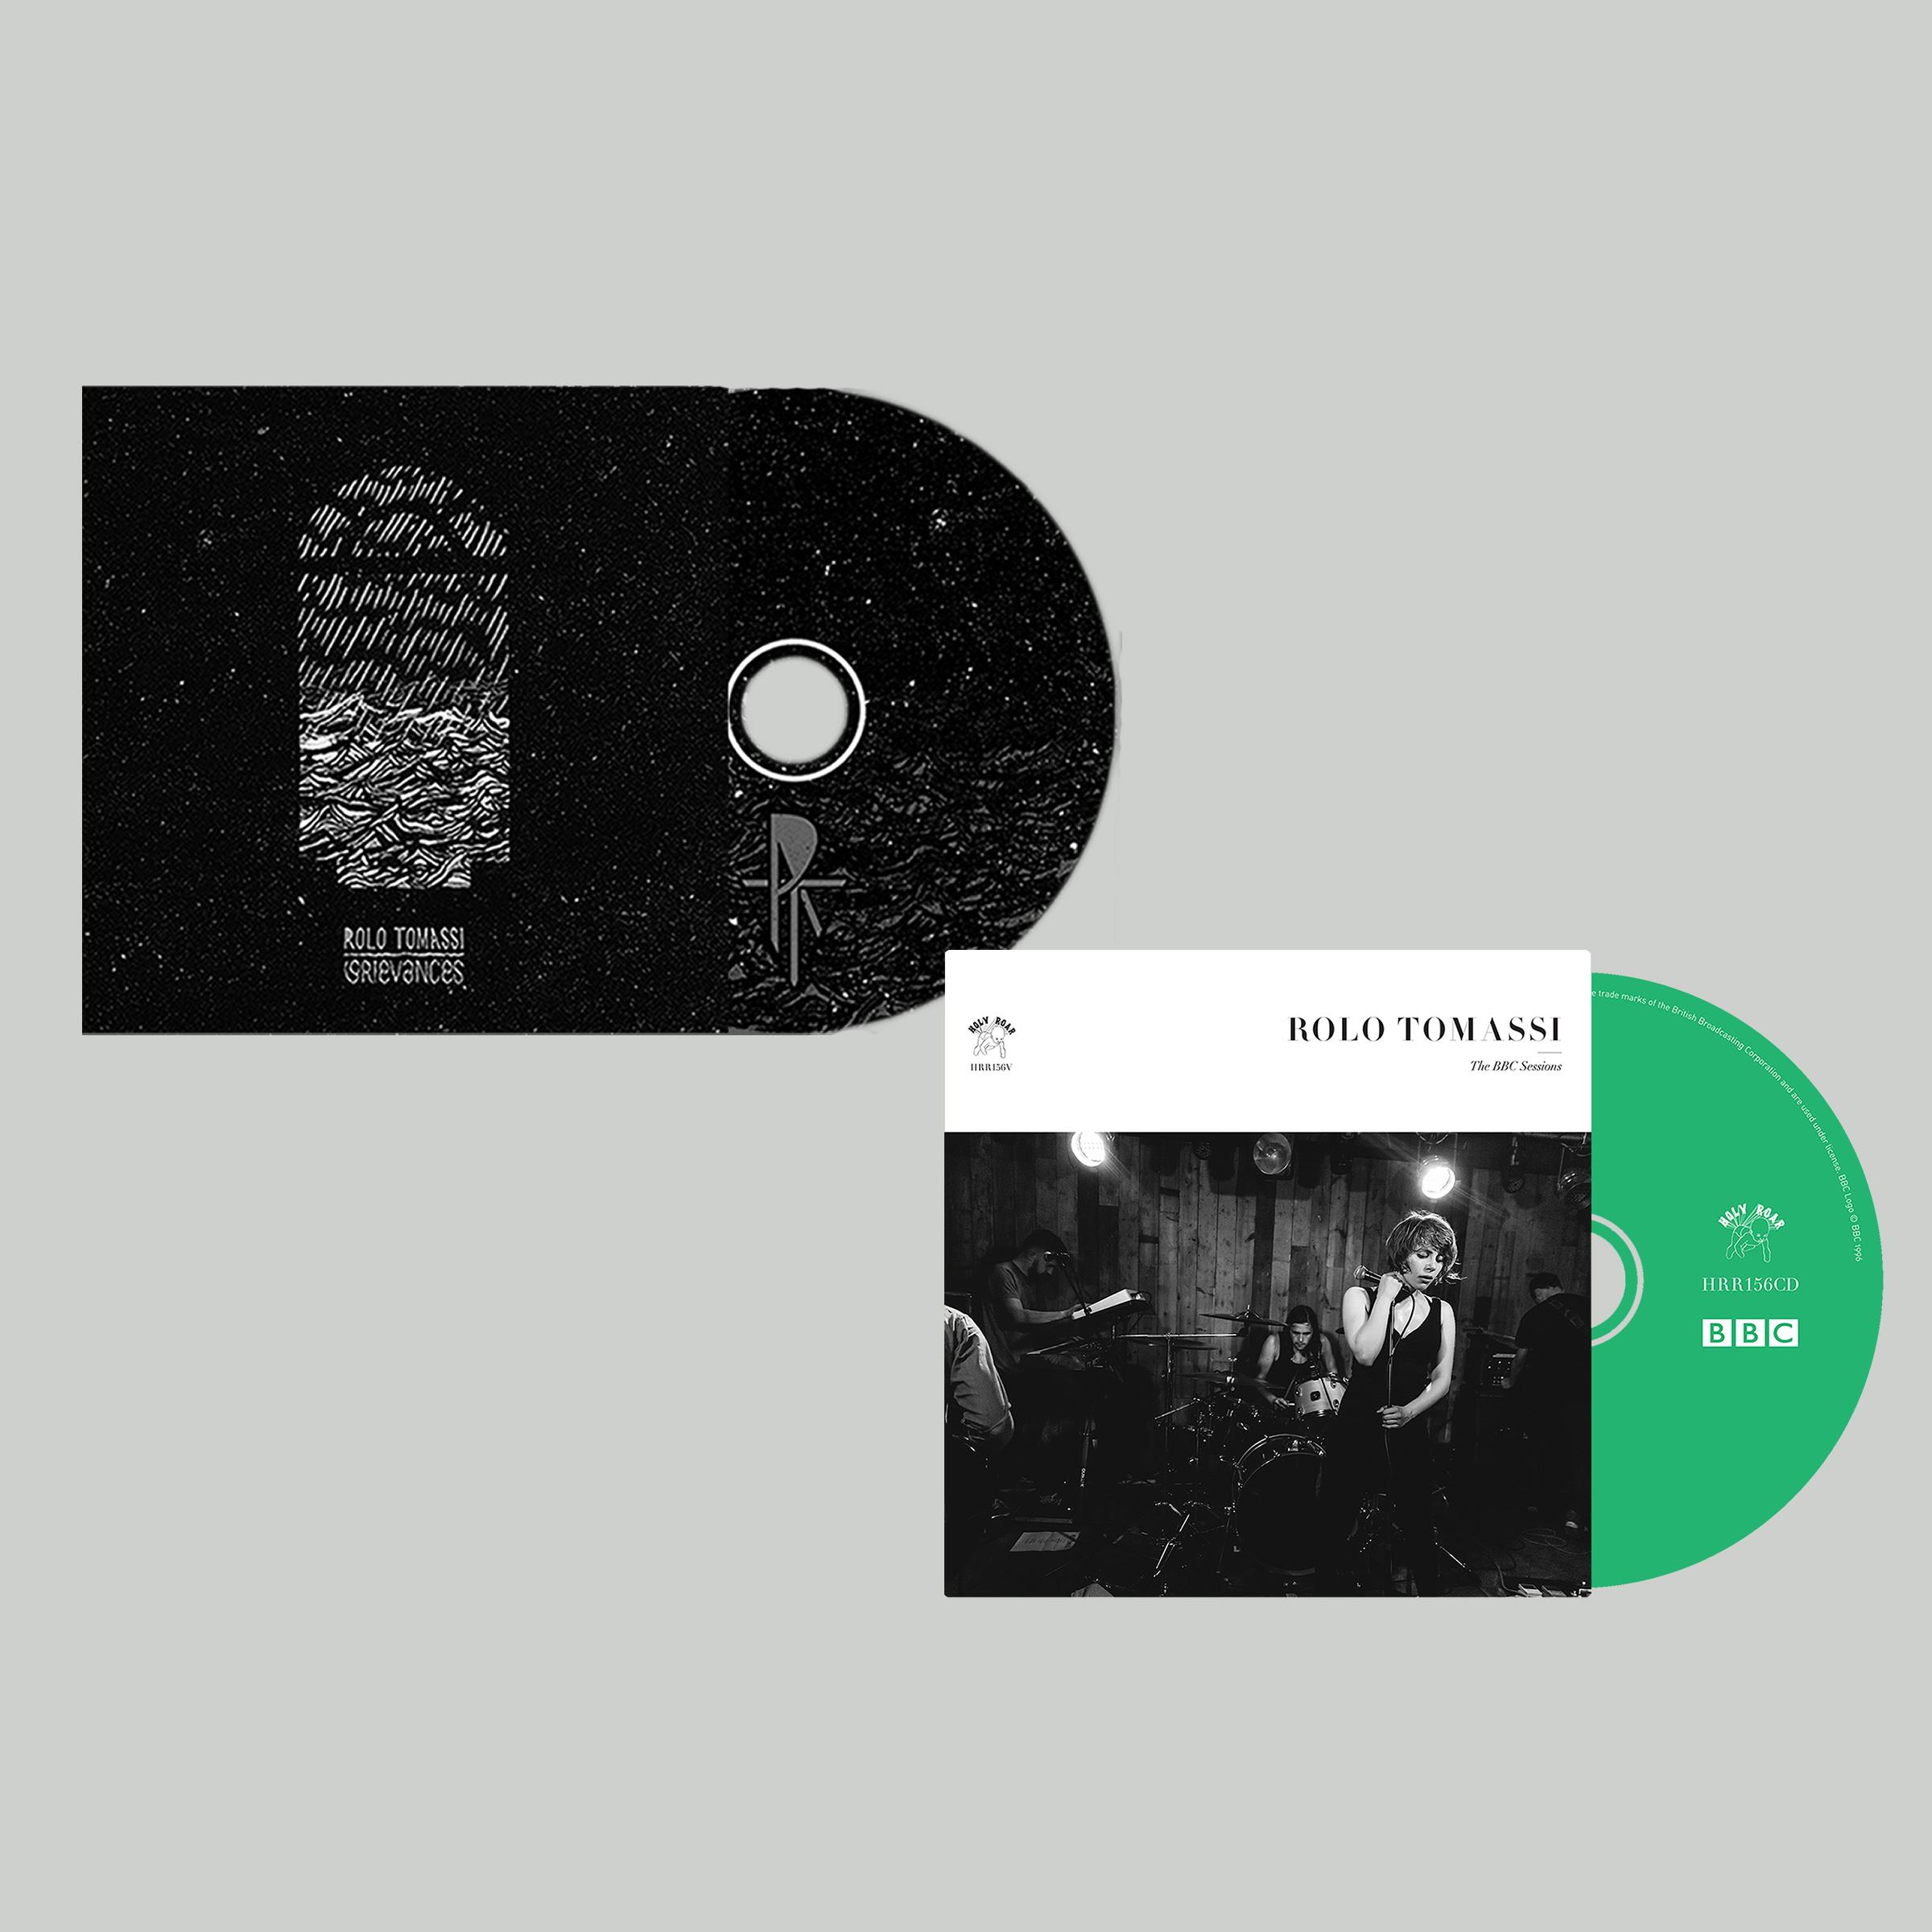 Rolo Tomassi - BBC Sessions + Grievances CD bundle